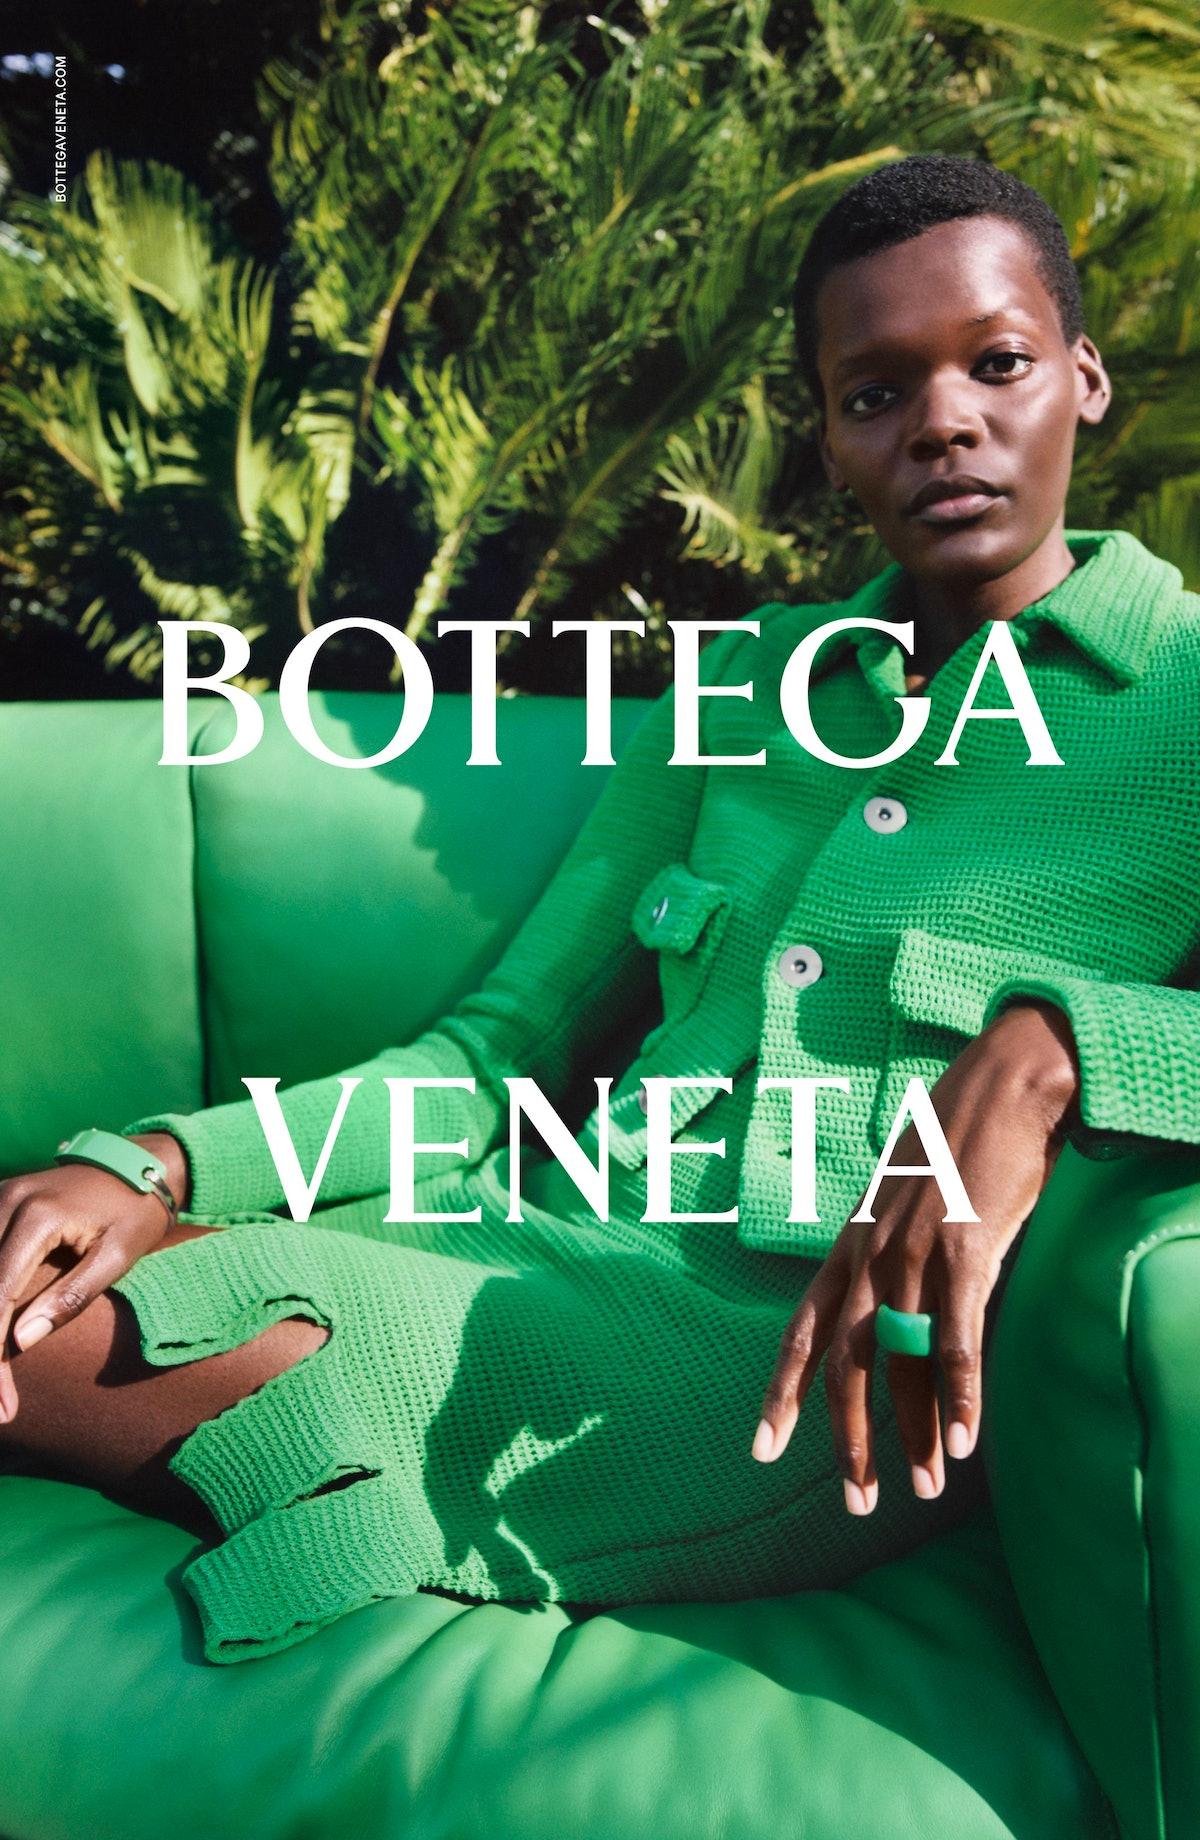 A Bottega Veneta campaign